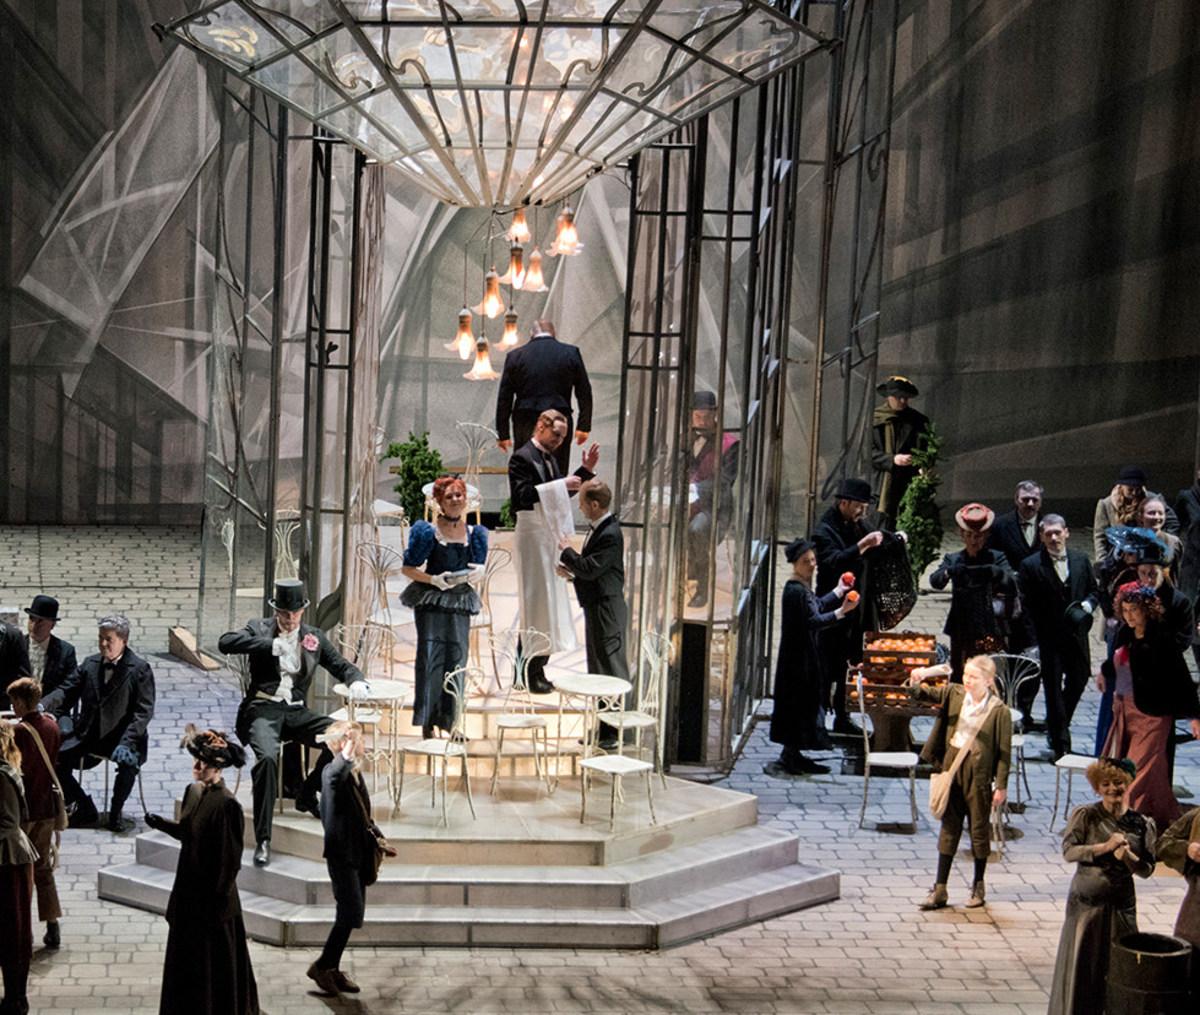 """Szene aus """"La Bohème"""": Mittig steht ein gläserner Kasten, drinnen und draußen stehen Café-Stühle. Einige wenige Sänger*innen befinden sich im Kasten, der Großteil steht außerhalb"""